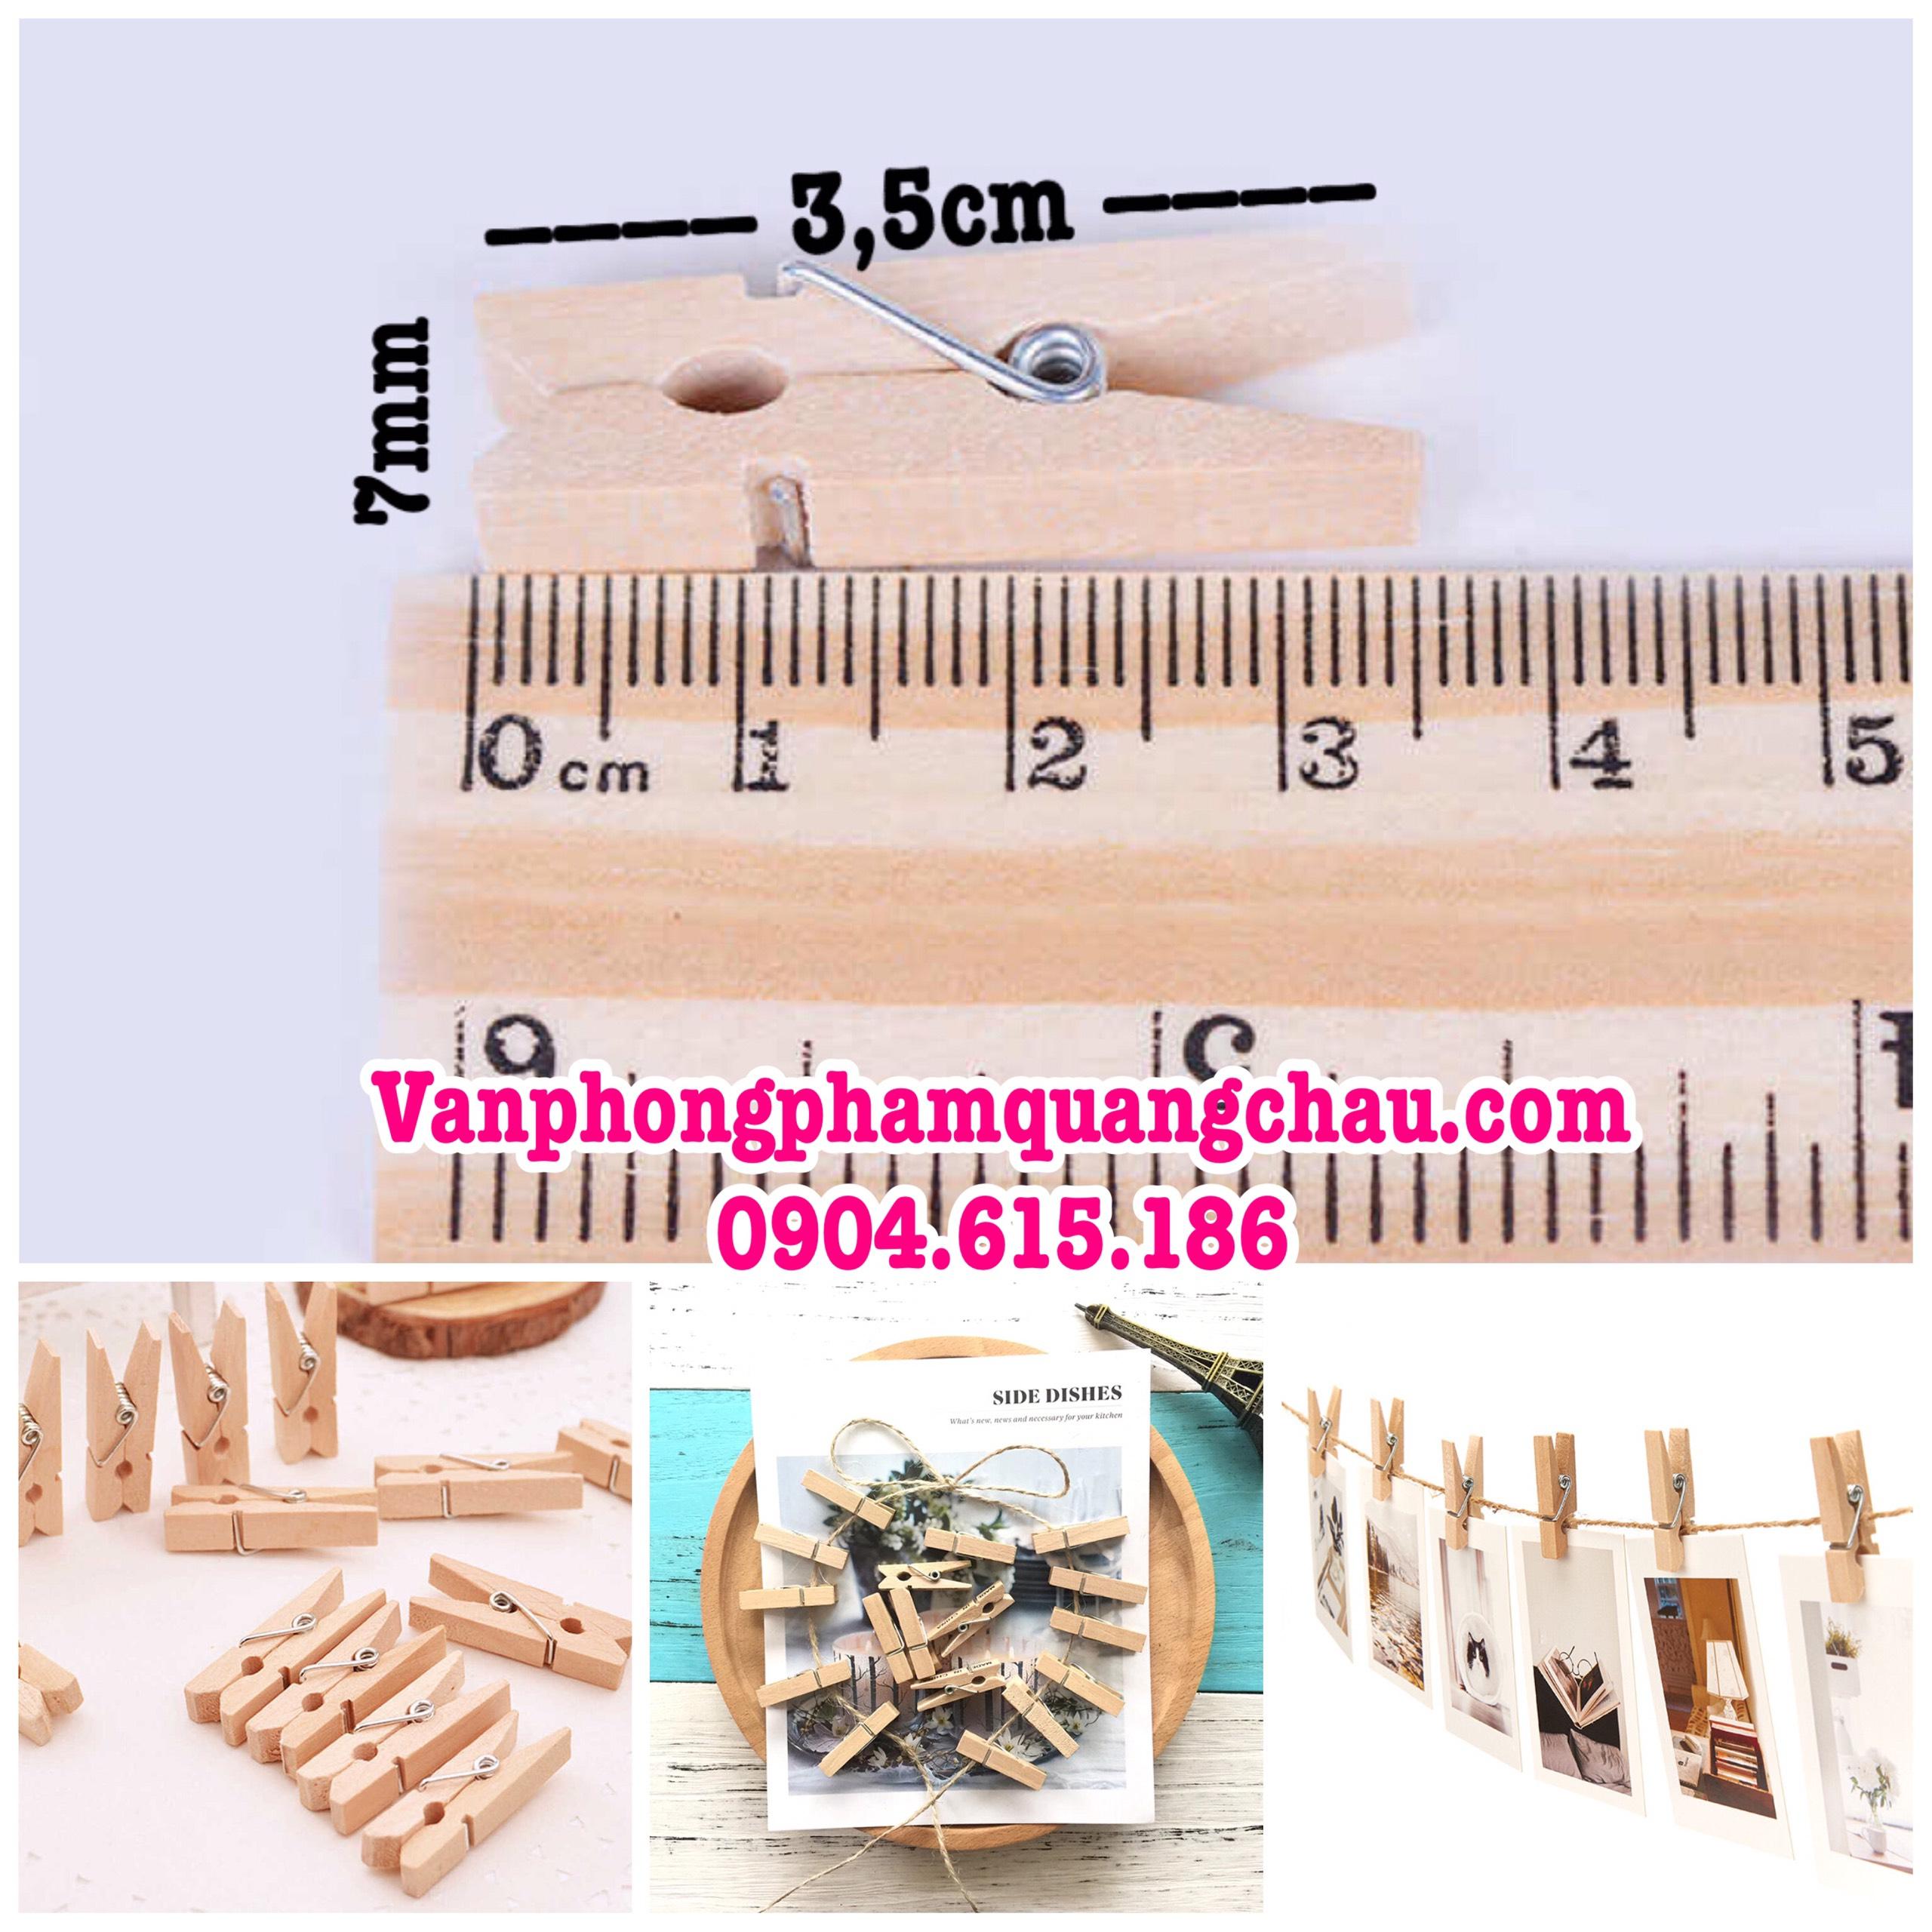 Kẹp gỗ trơn 10 chiếc (3.5cm x 7mm)_G02.36